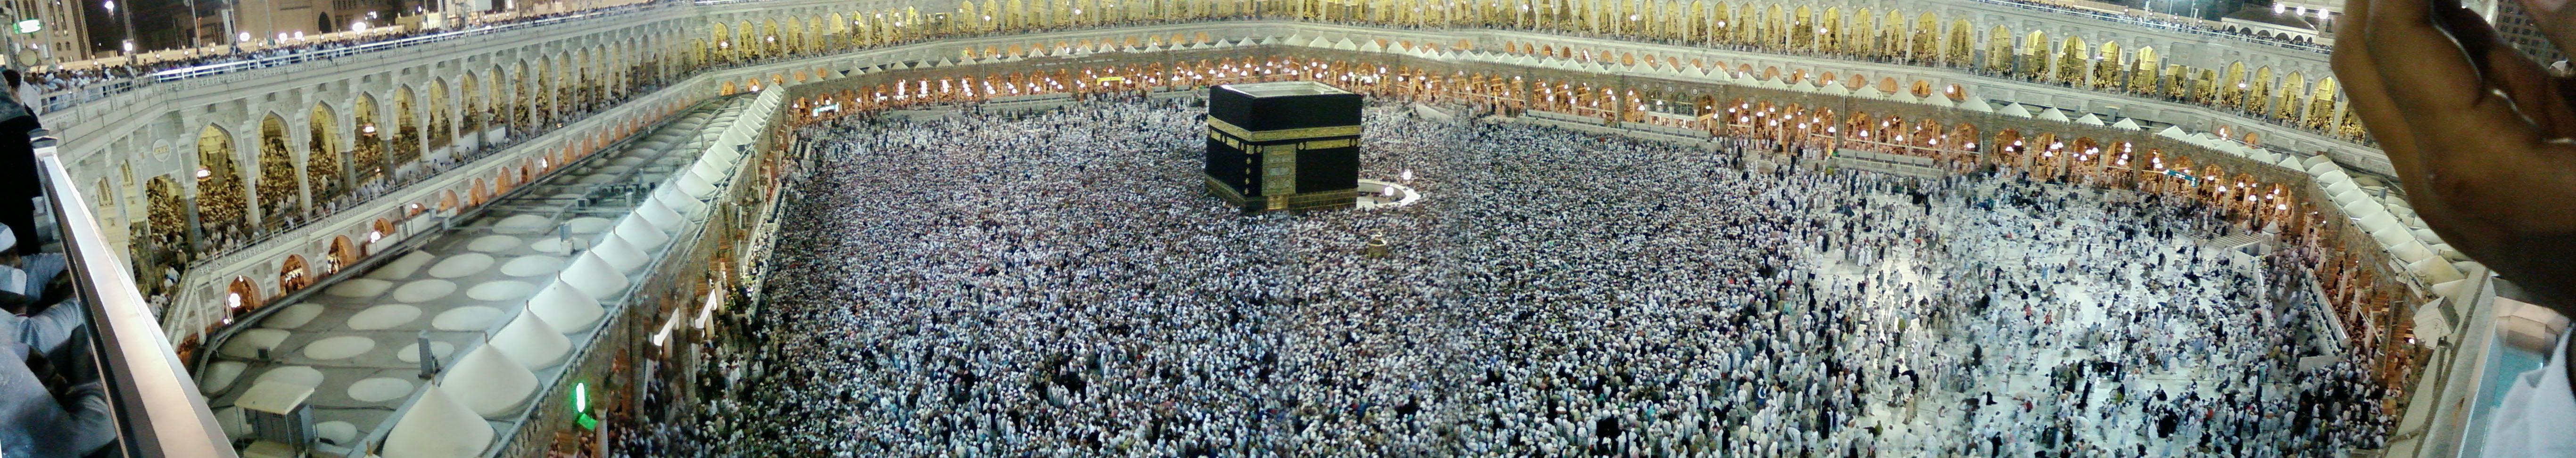 ரம்ஜான் இப்தார் விருந்து - Page 2 Masjid_al-Haram_panorama